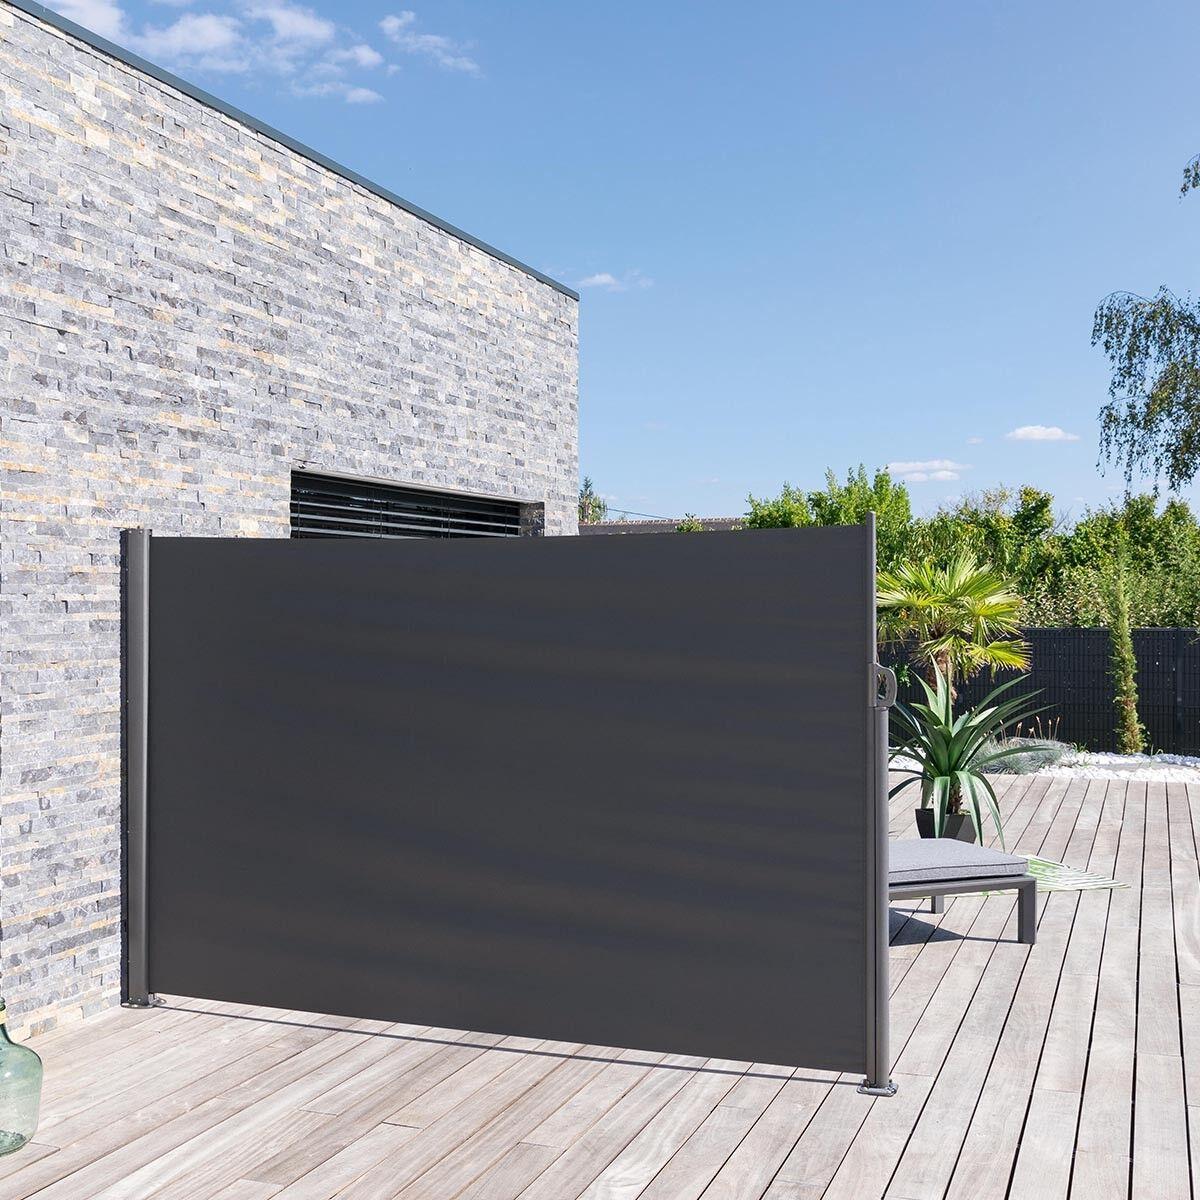 Hespéride Paravent rétractable Antao Graphite Jardin 3 m - Aluminium traité époxy, Toile polyester